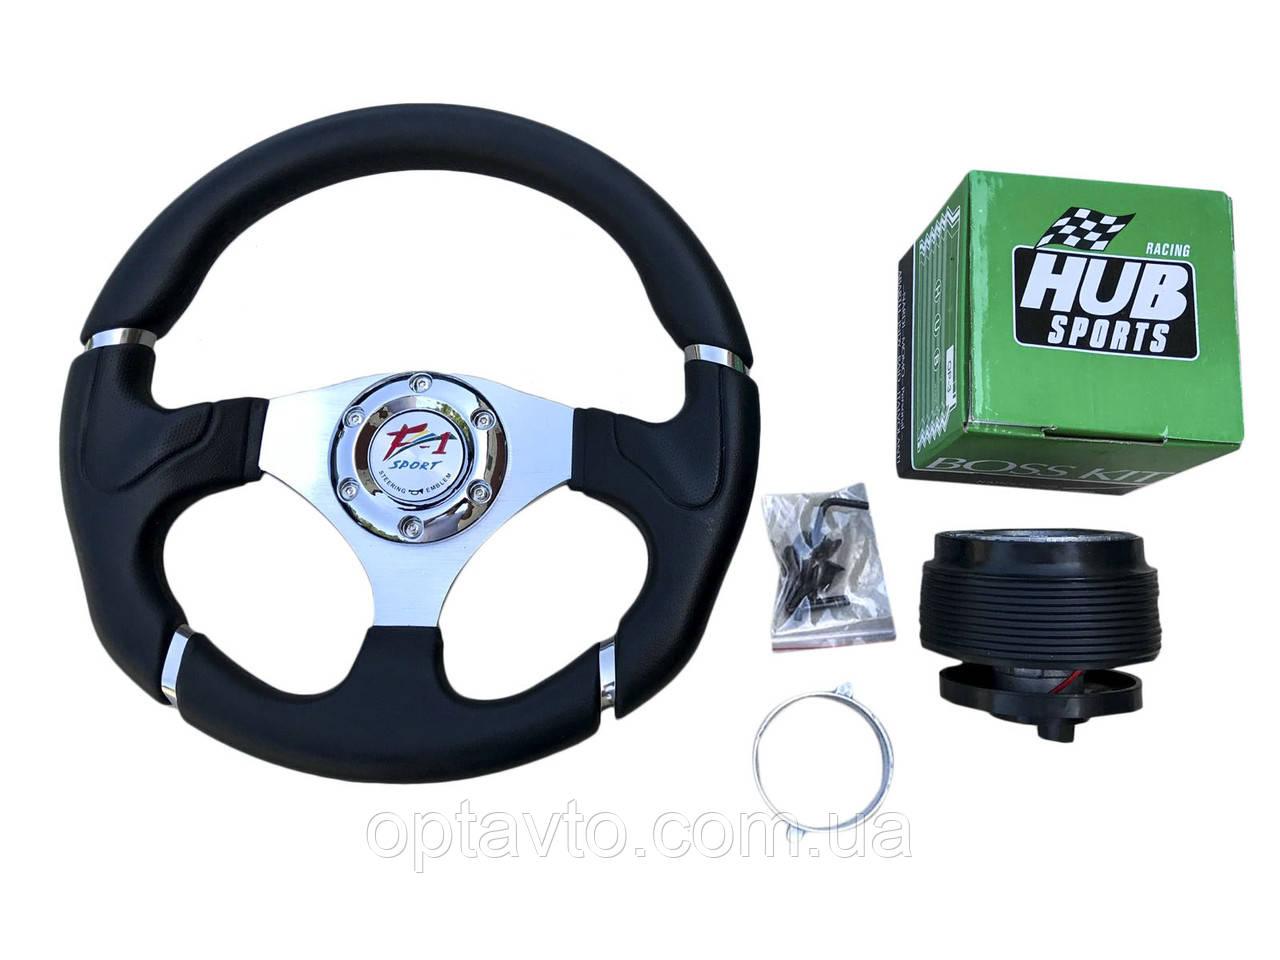 Руль на ЗАЗ Славута в комплекте с адаптером (переходником под руль) Спорт руль с кнопкой сигнала.